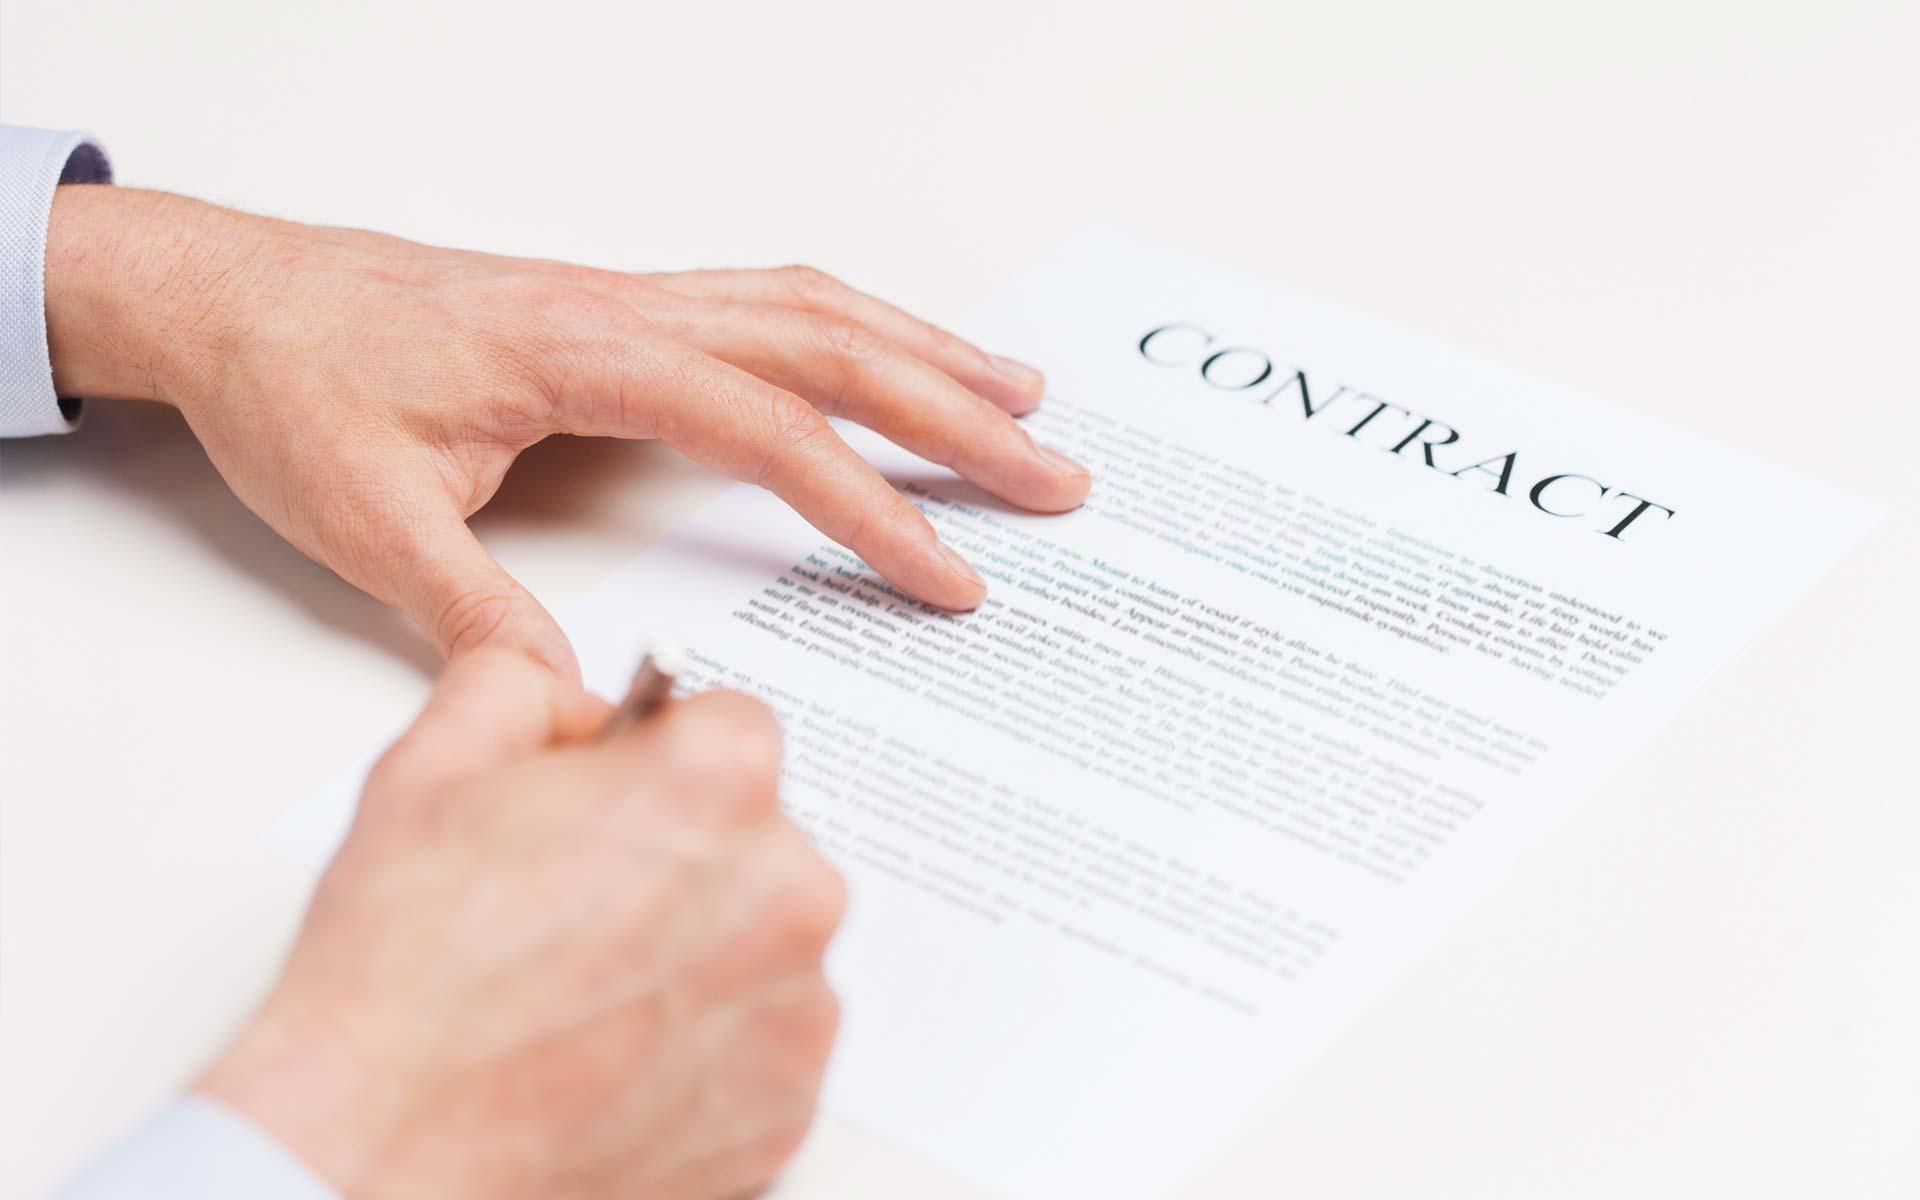 clausule da inserire nel contratto stipulato con l'impresa di ristrutturazione